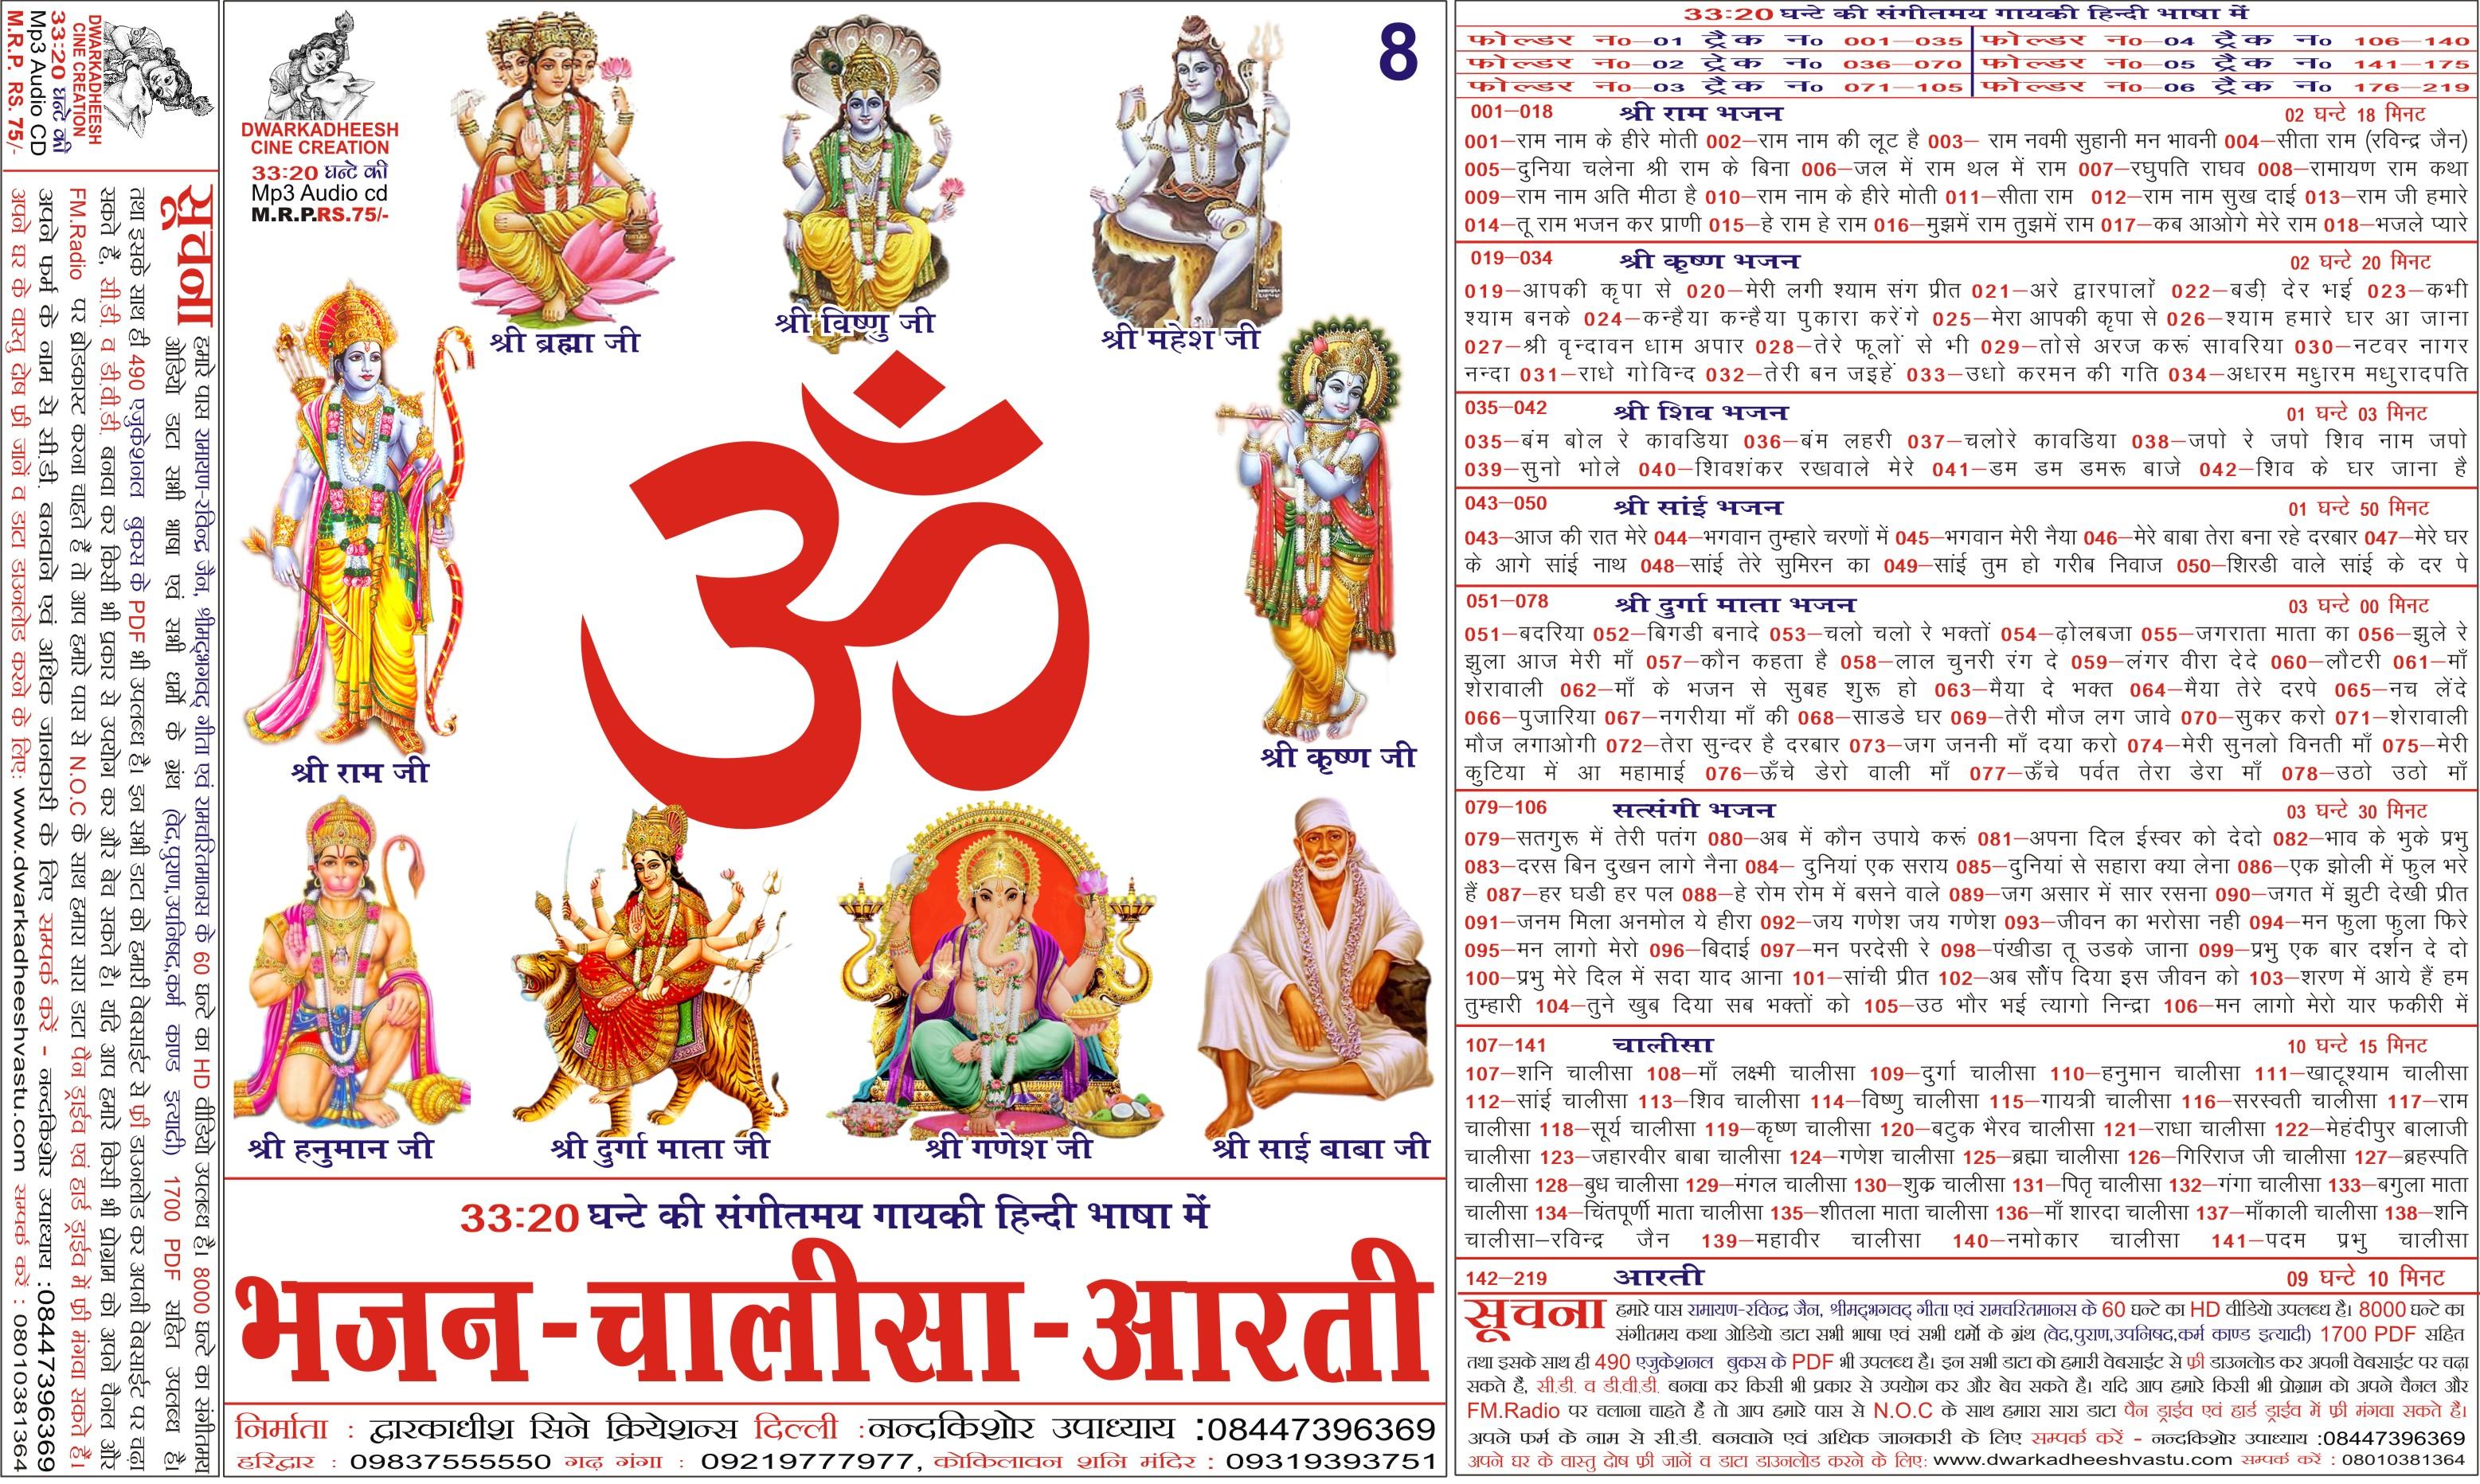 bhagwat geeta in urdu pdf